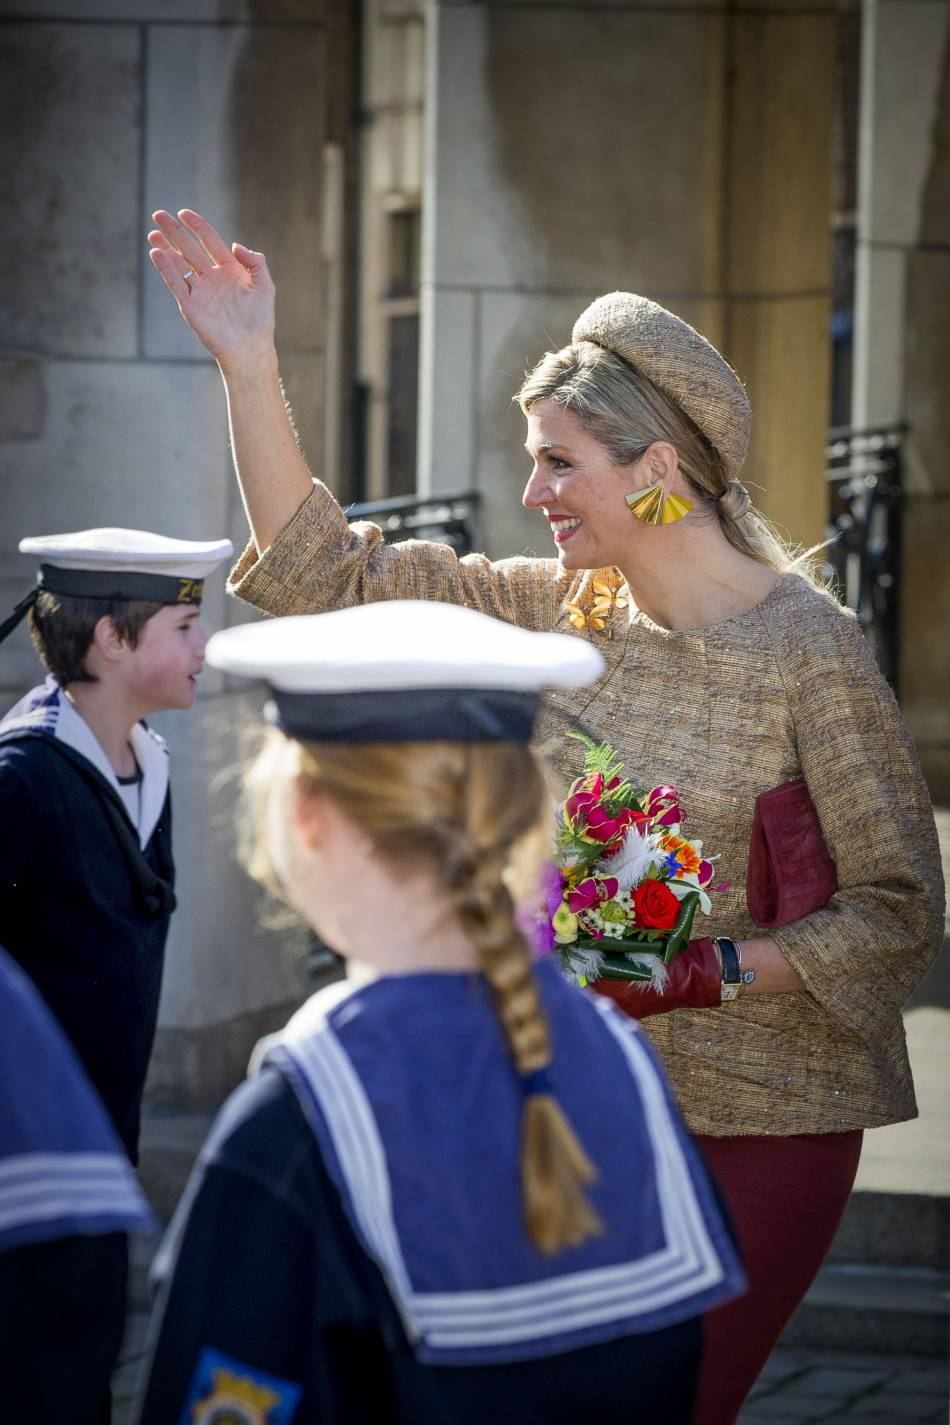 Maxima des Pays-Bas mise sur des accessoires originaux, comme le chapeau beige et les boucles d'oreilles en forme d'éventails.